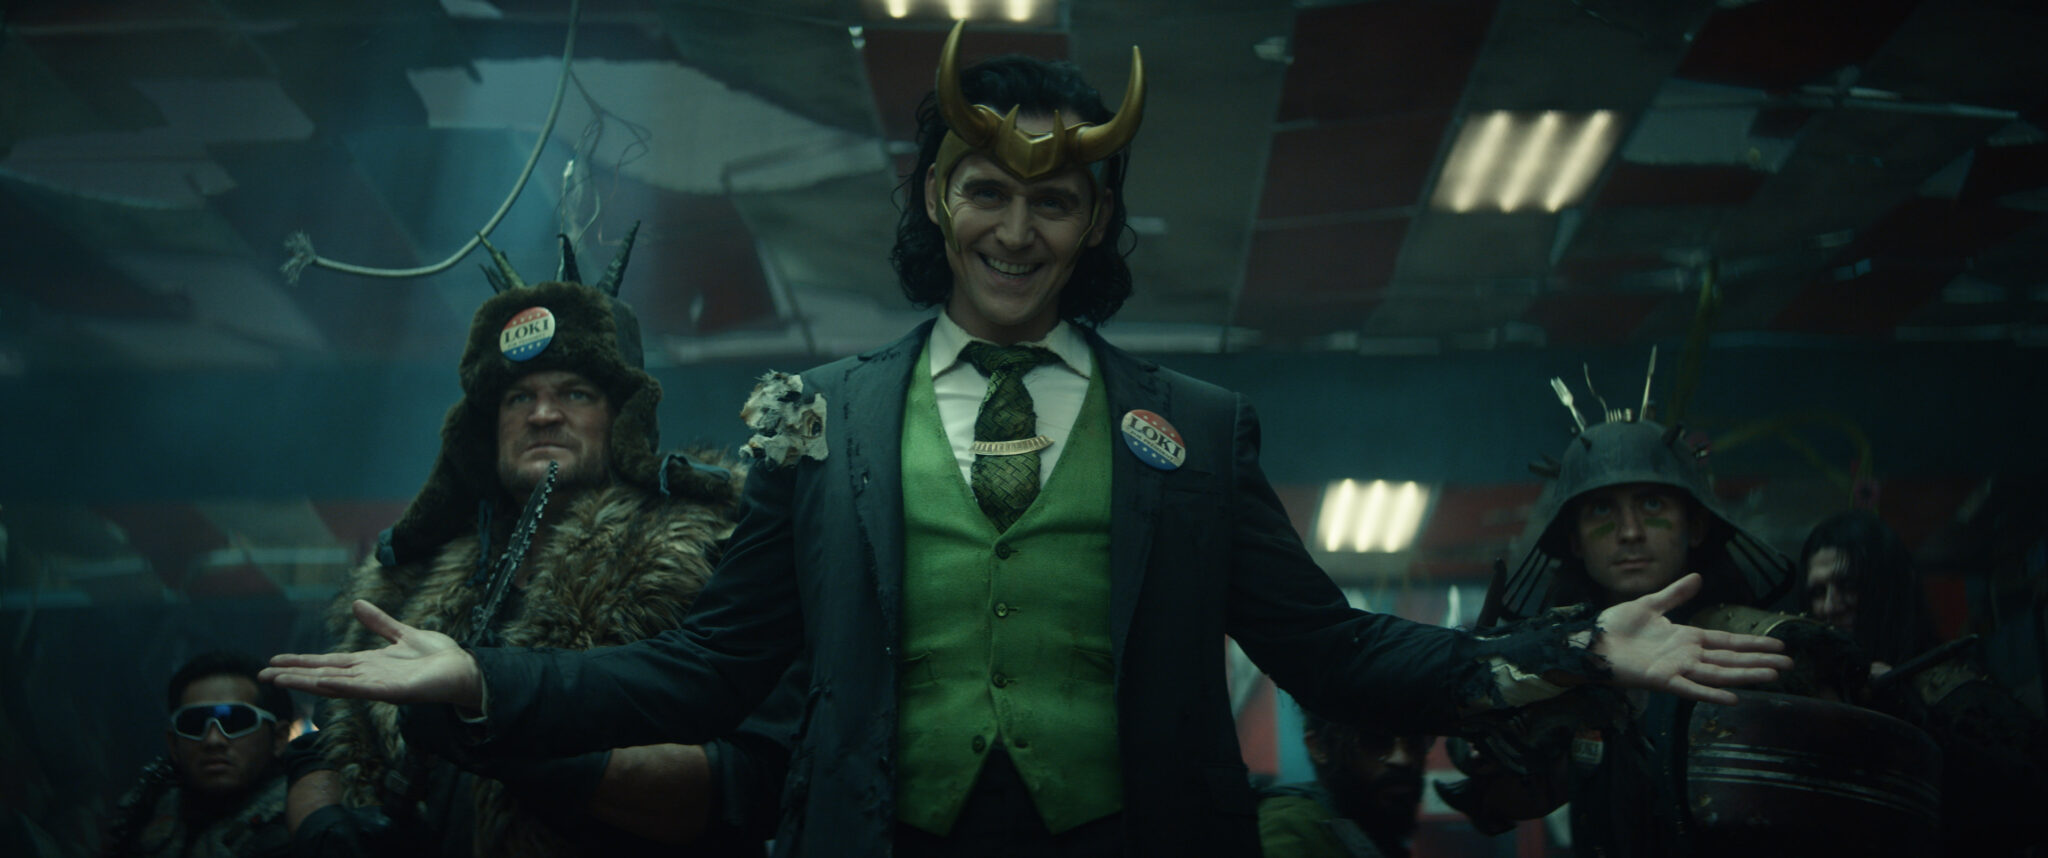 Loki (Tom Hiddlestone) mit Geweihkrone und grüner Weste unter grauem Jackett vor zwei skurrilen Figuren mit seltsamen Kopfbedeckungen.